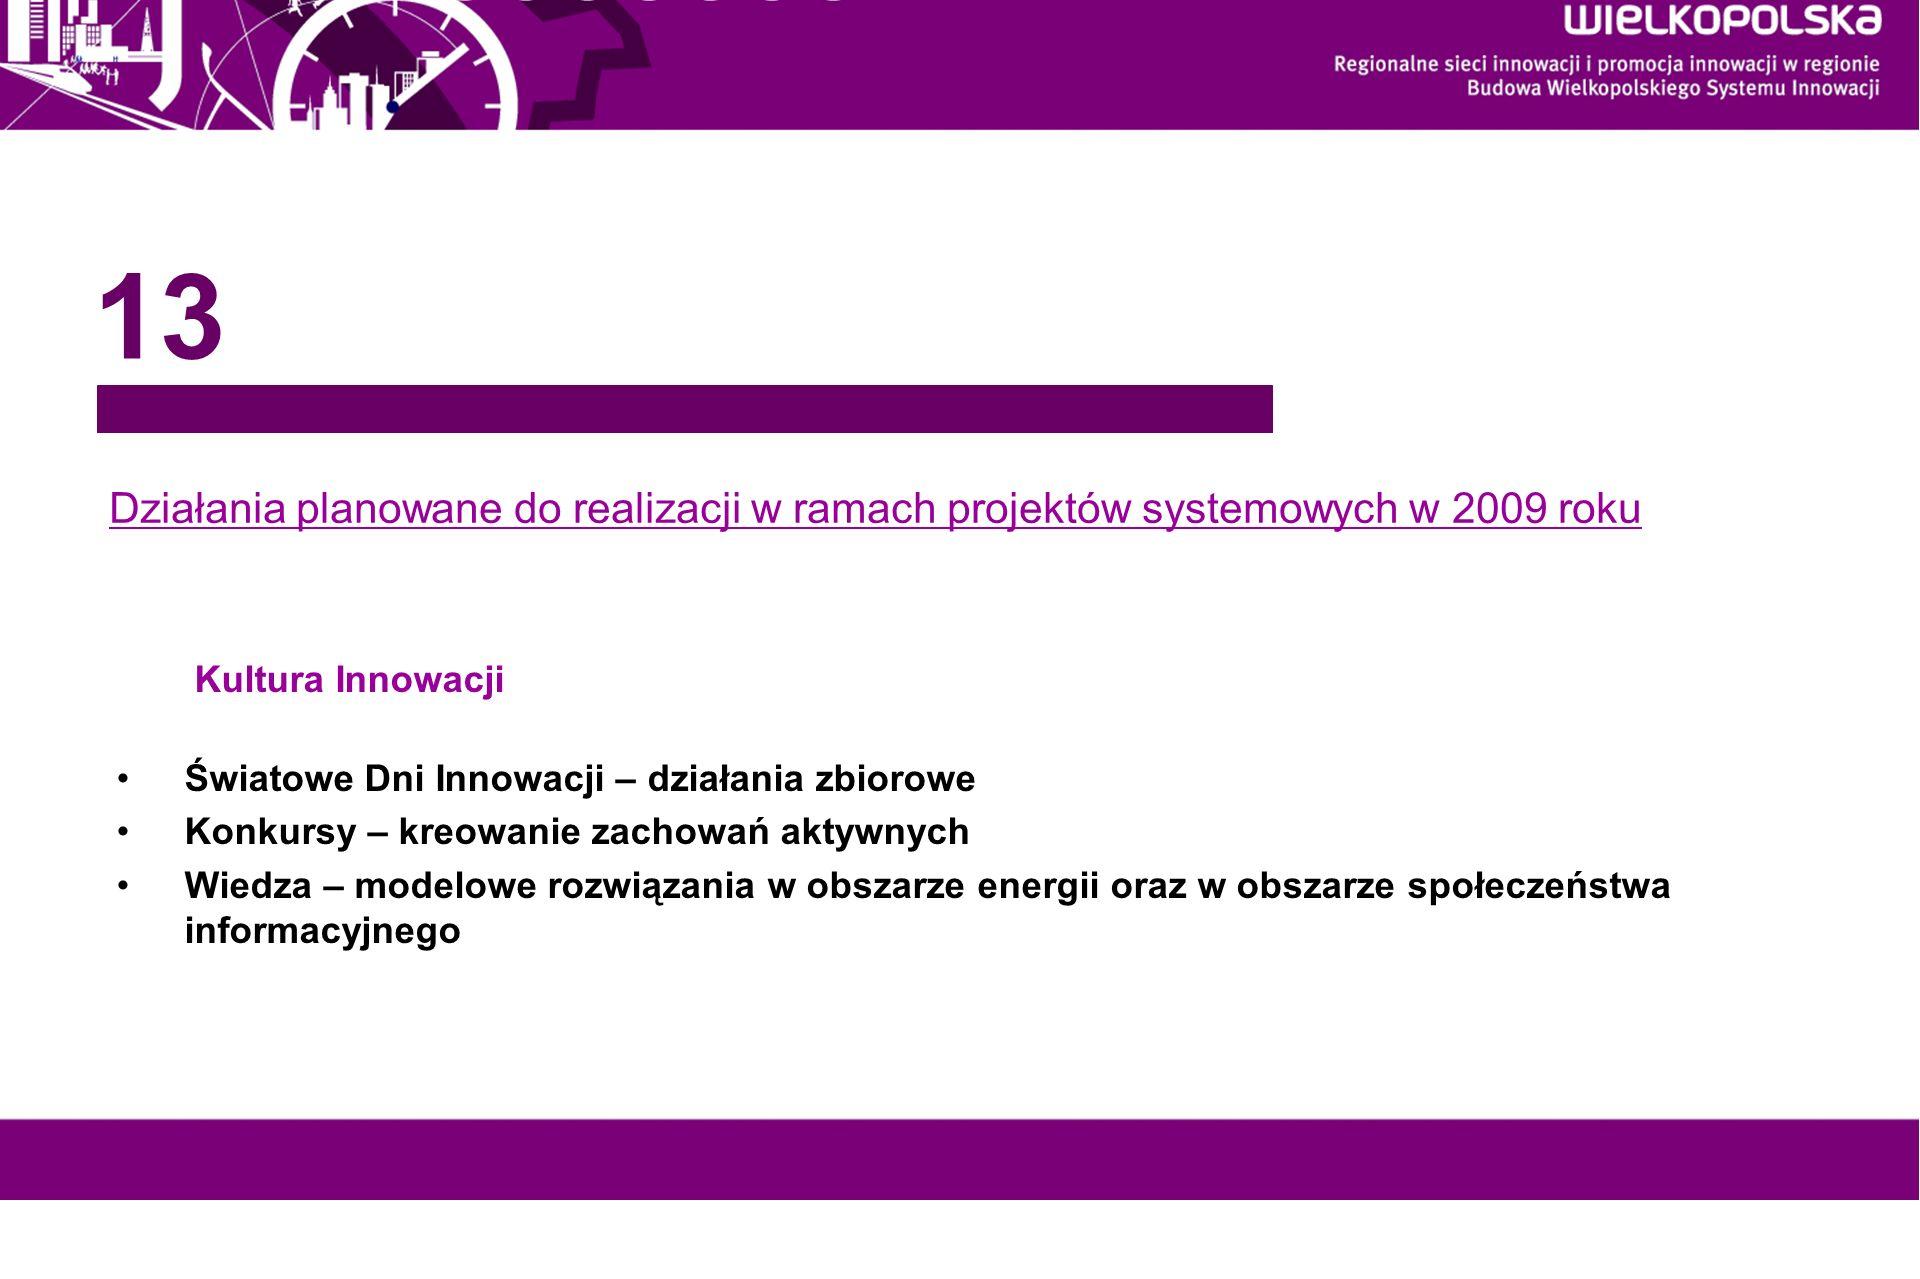 13Działania planowane do realizacji w ramach projektów systemowych w 2009 roku. Kultura Innowacji. Światowe Dni Innowacji – działania zbiorowe.